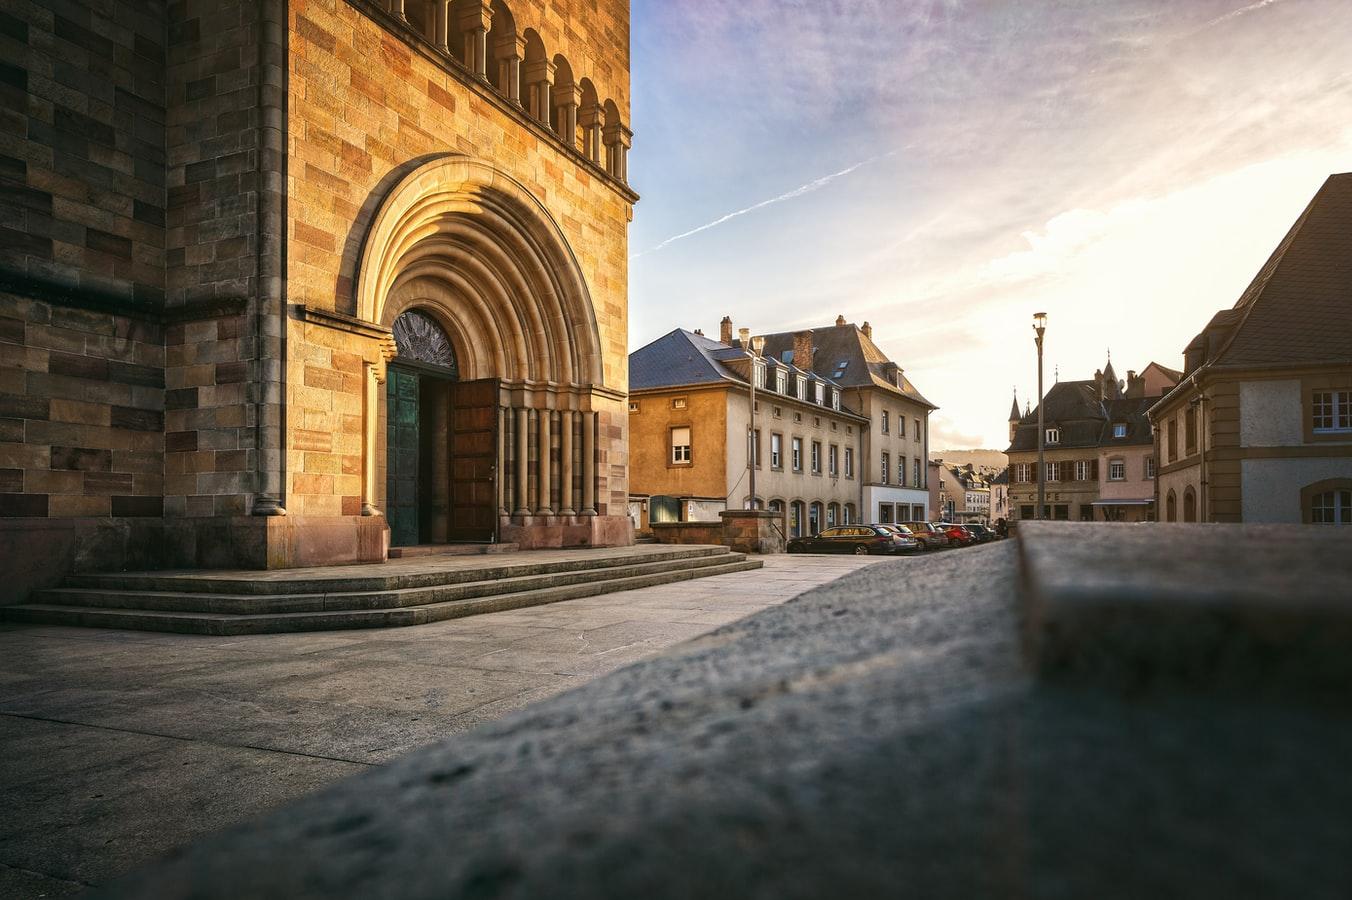 Hauptportal der Abtei in Echternach Luxemburg